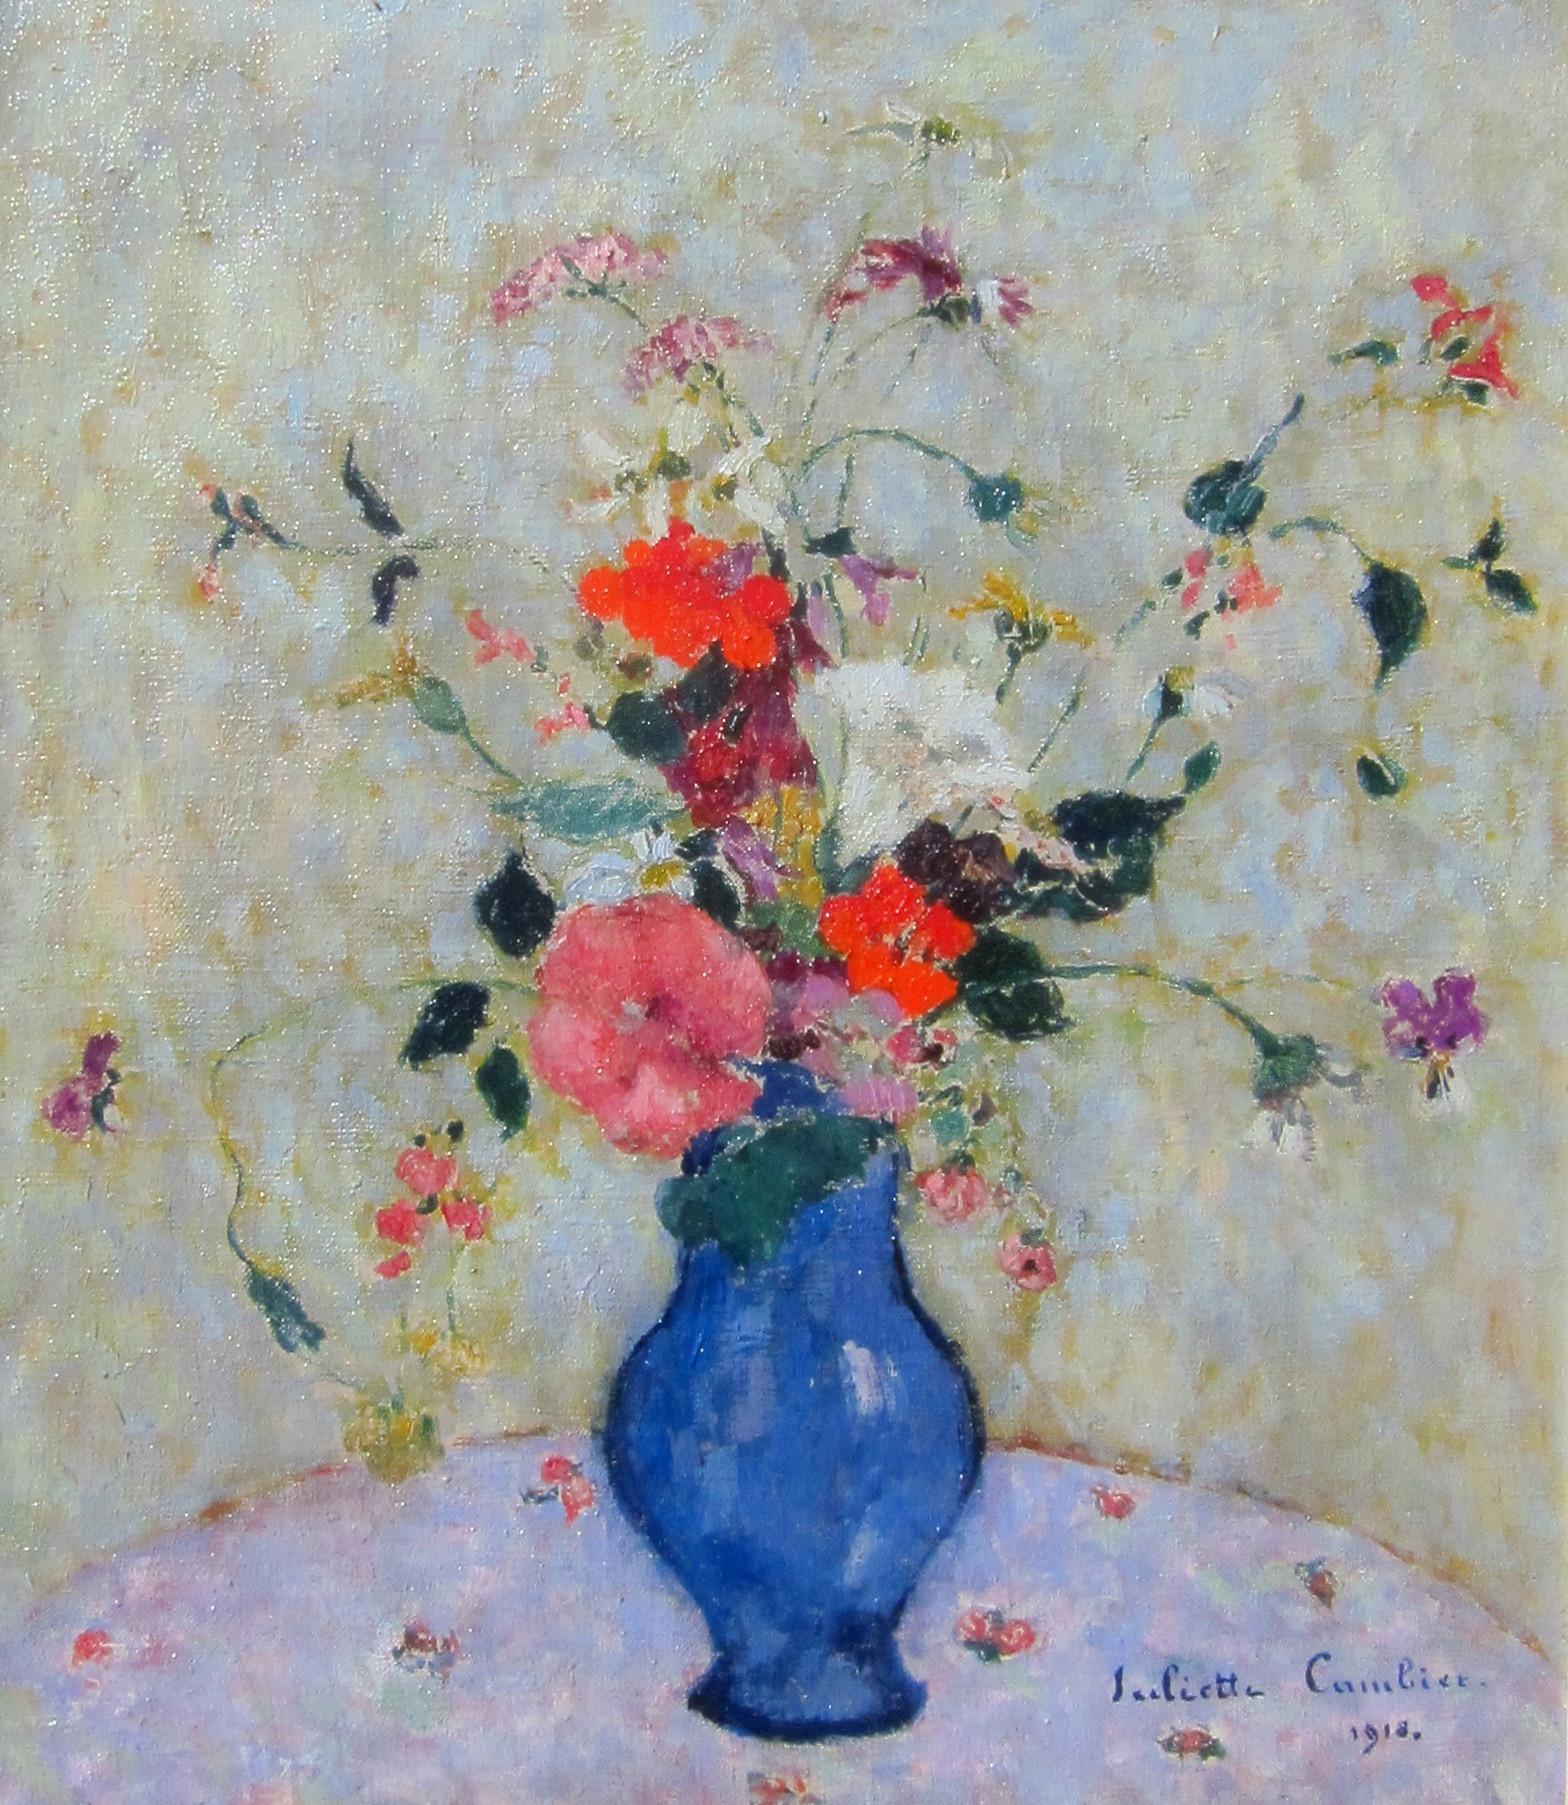 blue flowers in vase of juliette cambier summer flowers in a blue vase julian simon fine art pertaining to juliette cambier summer flowers in a blue vase